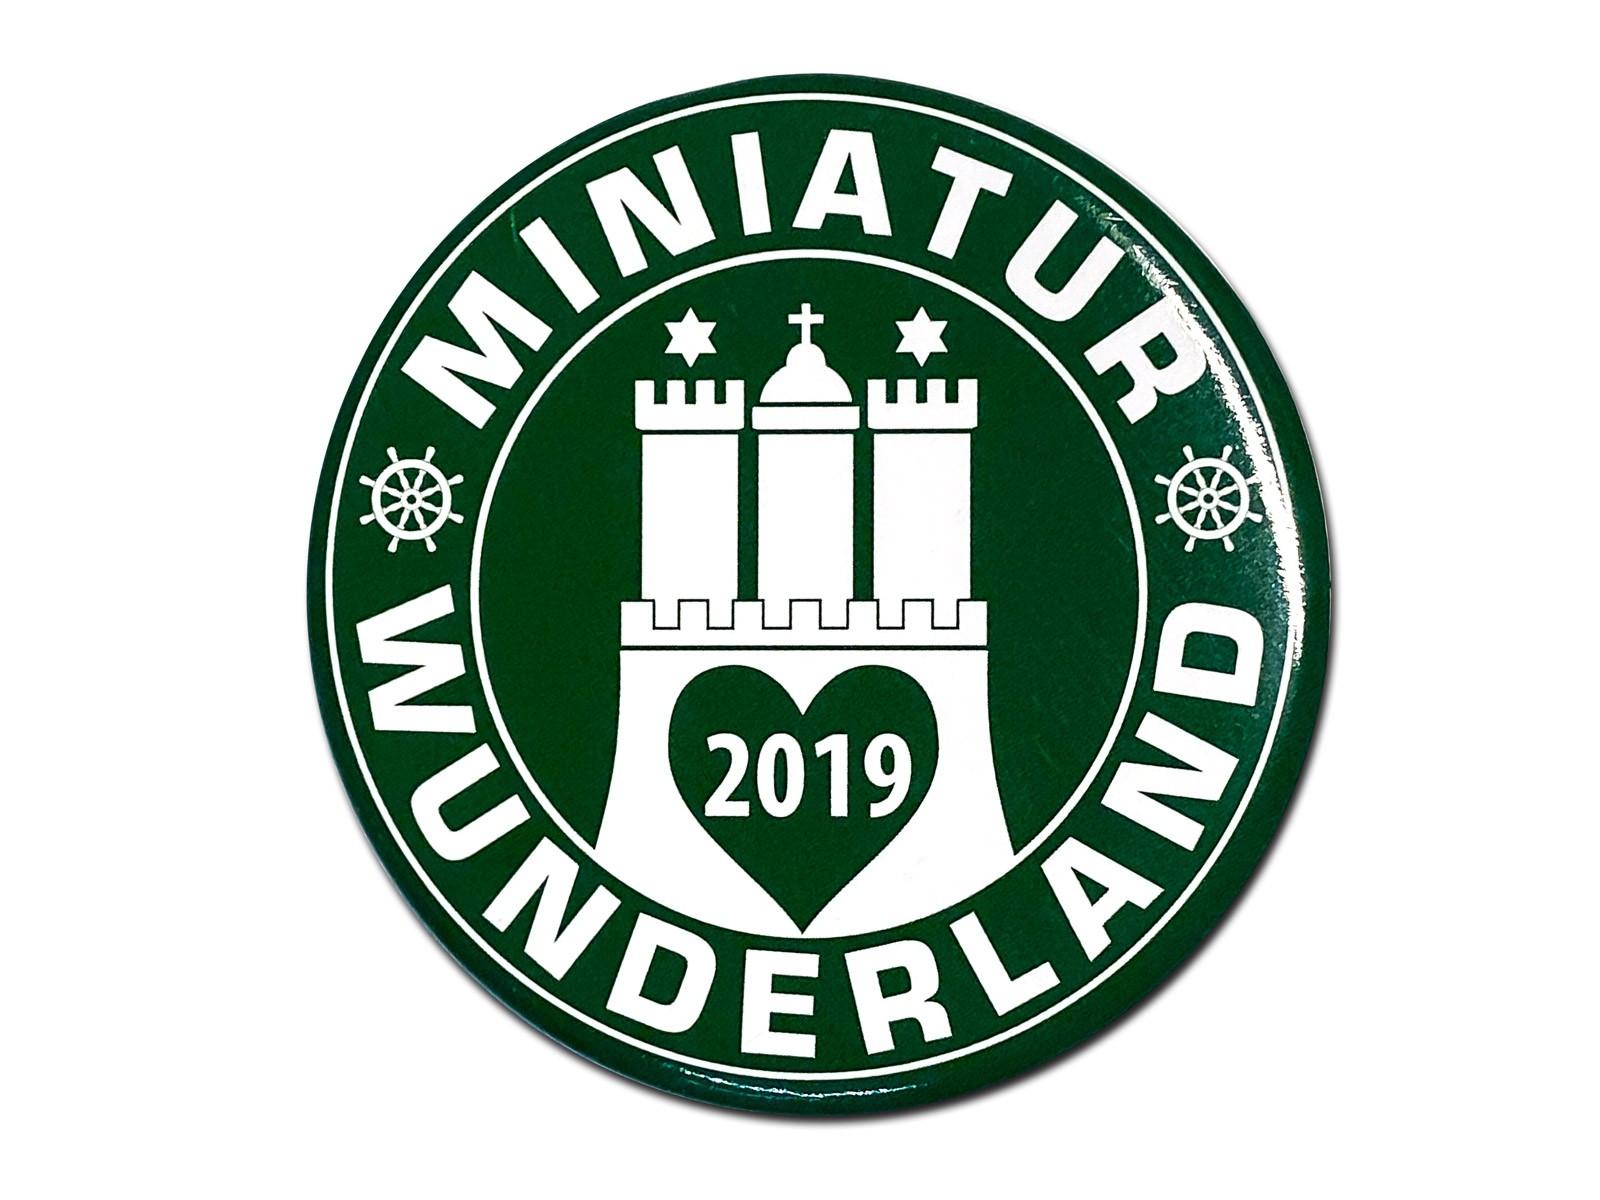 Sammlermagnet Miniatur Wunderland 2019